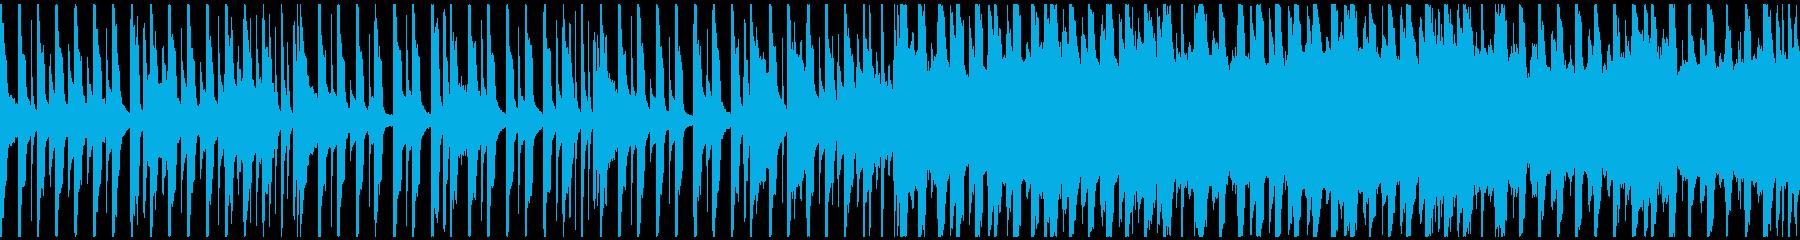 雨降り・カエル・かわいい・ループPOPの再生済みの波形